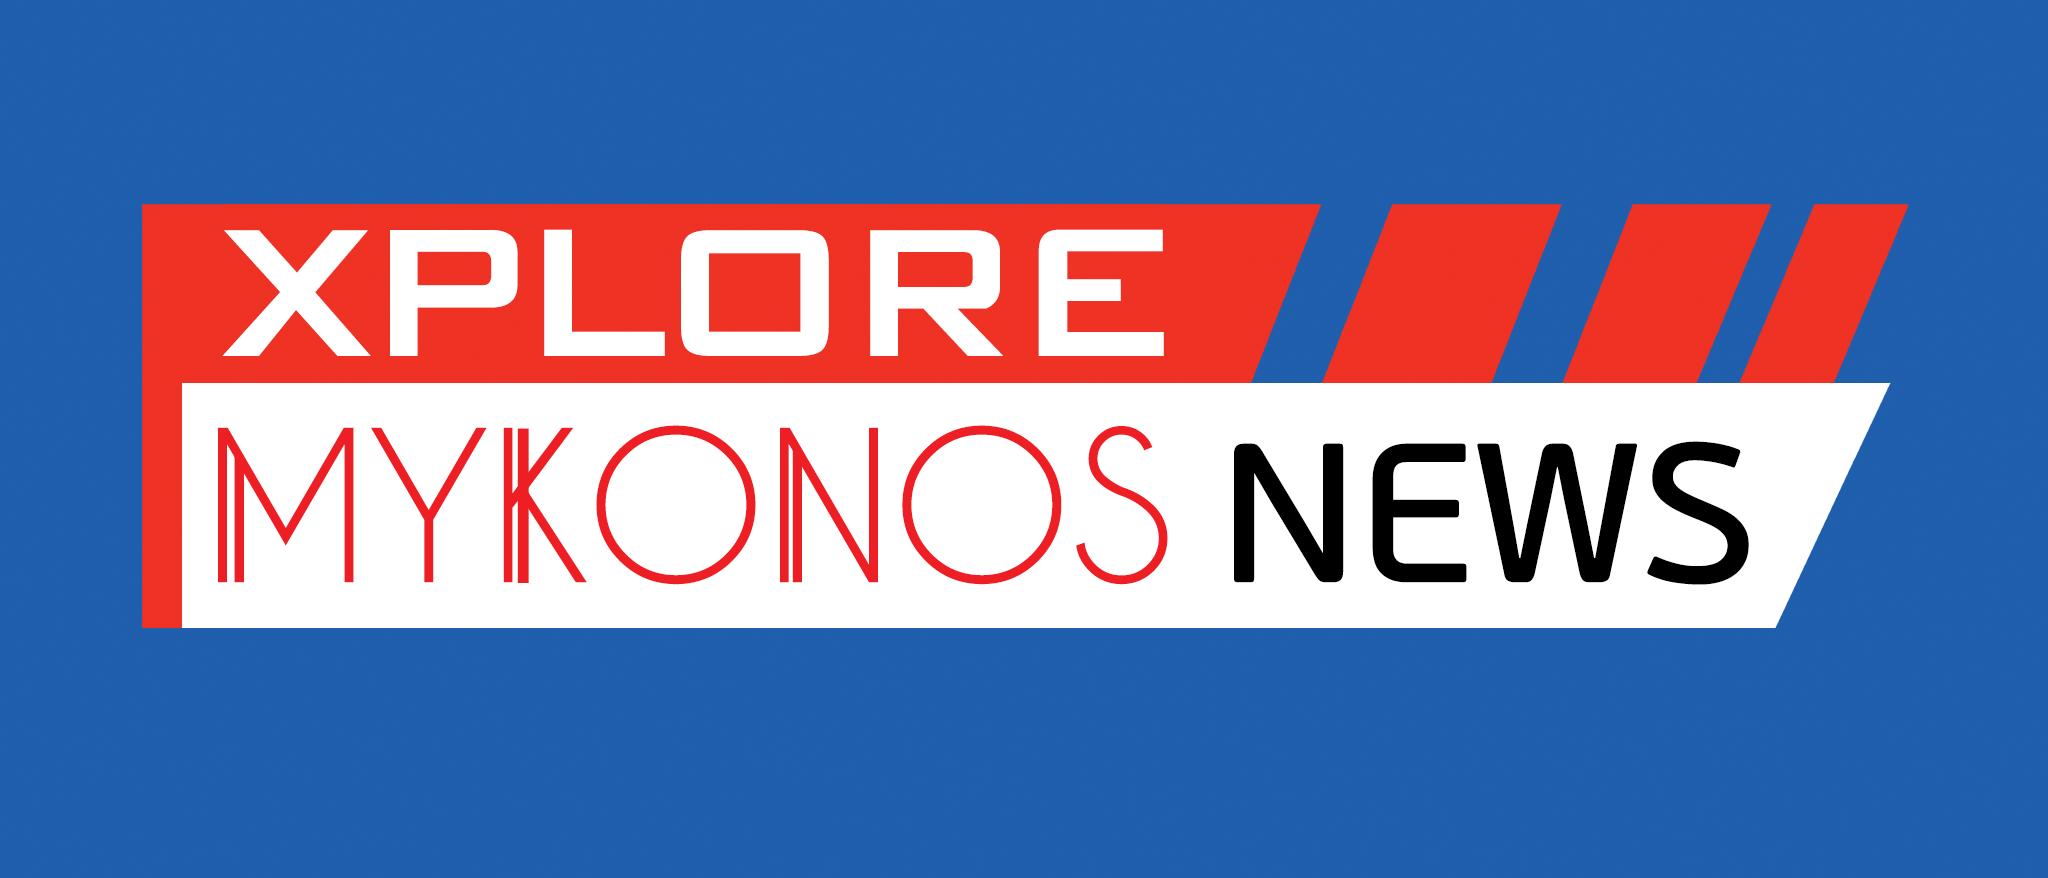 Μύκονος Ειδήσεις Ι Όλα τα νέα απο την Μύκονο Ι Xplore Mykonos News